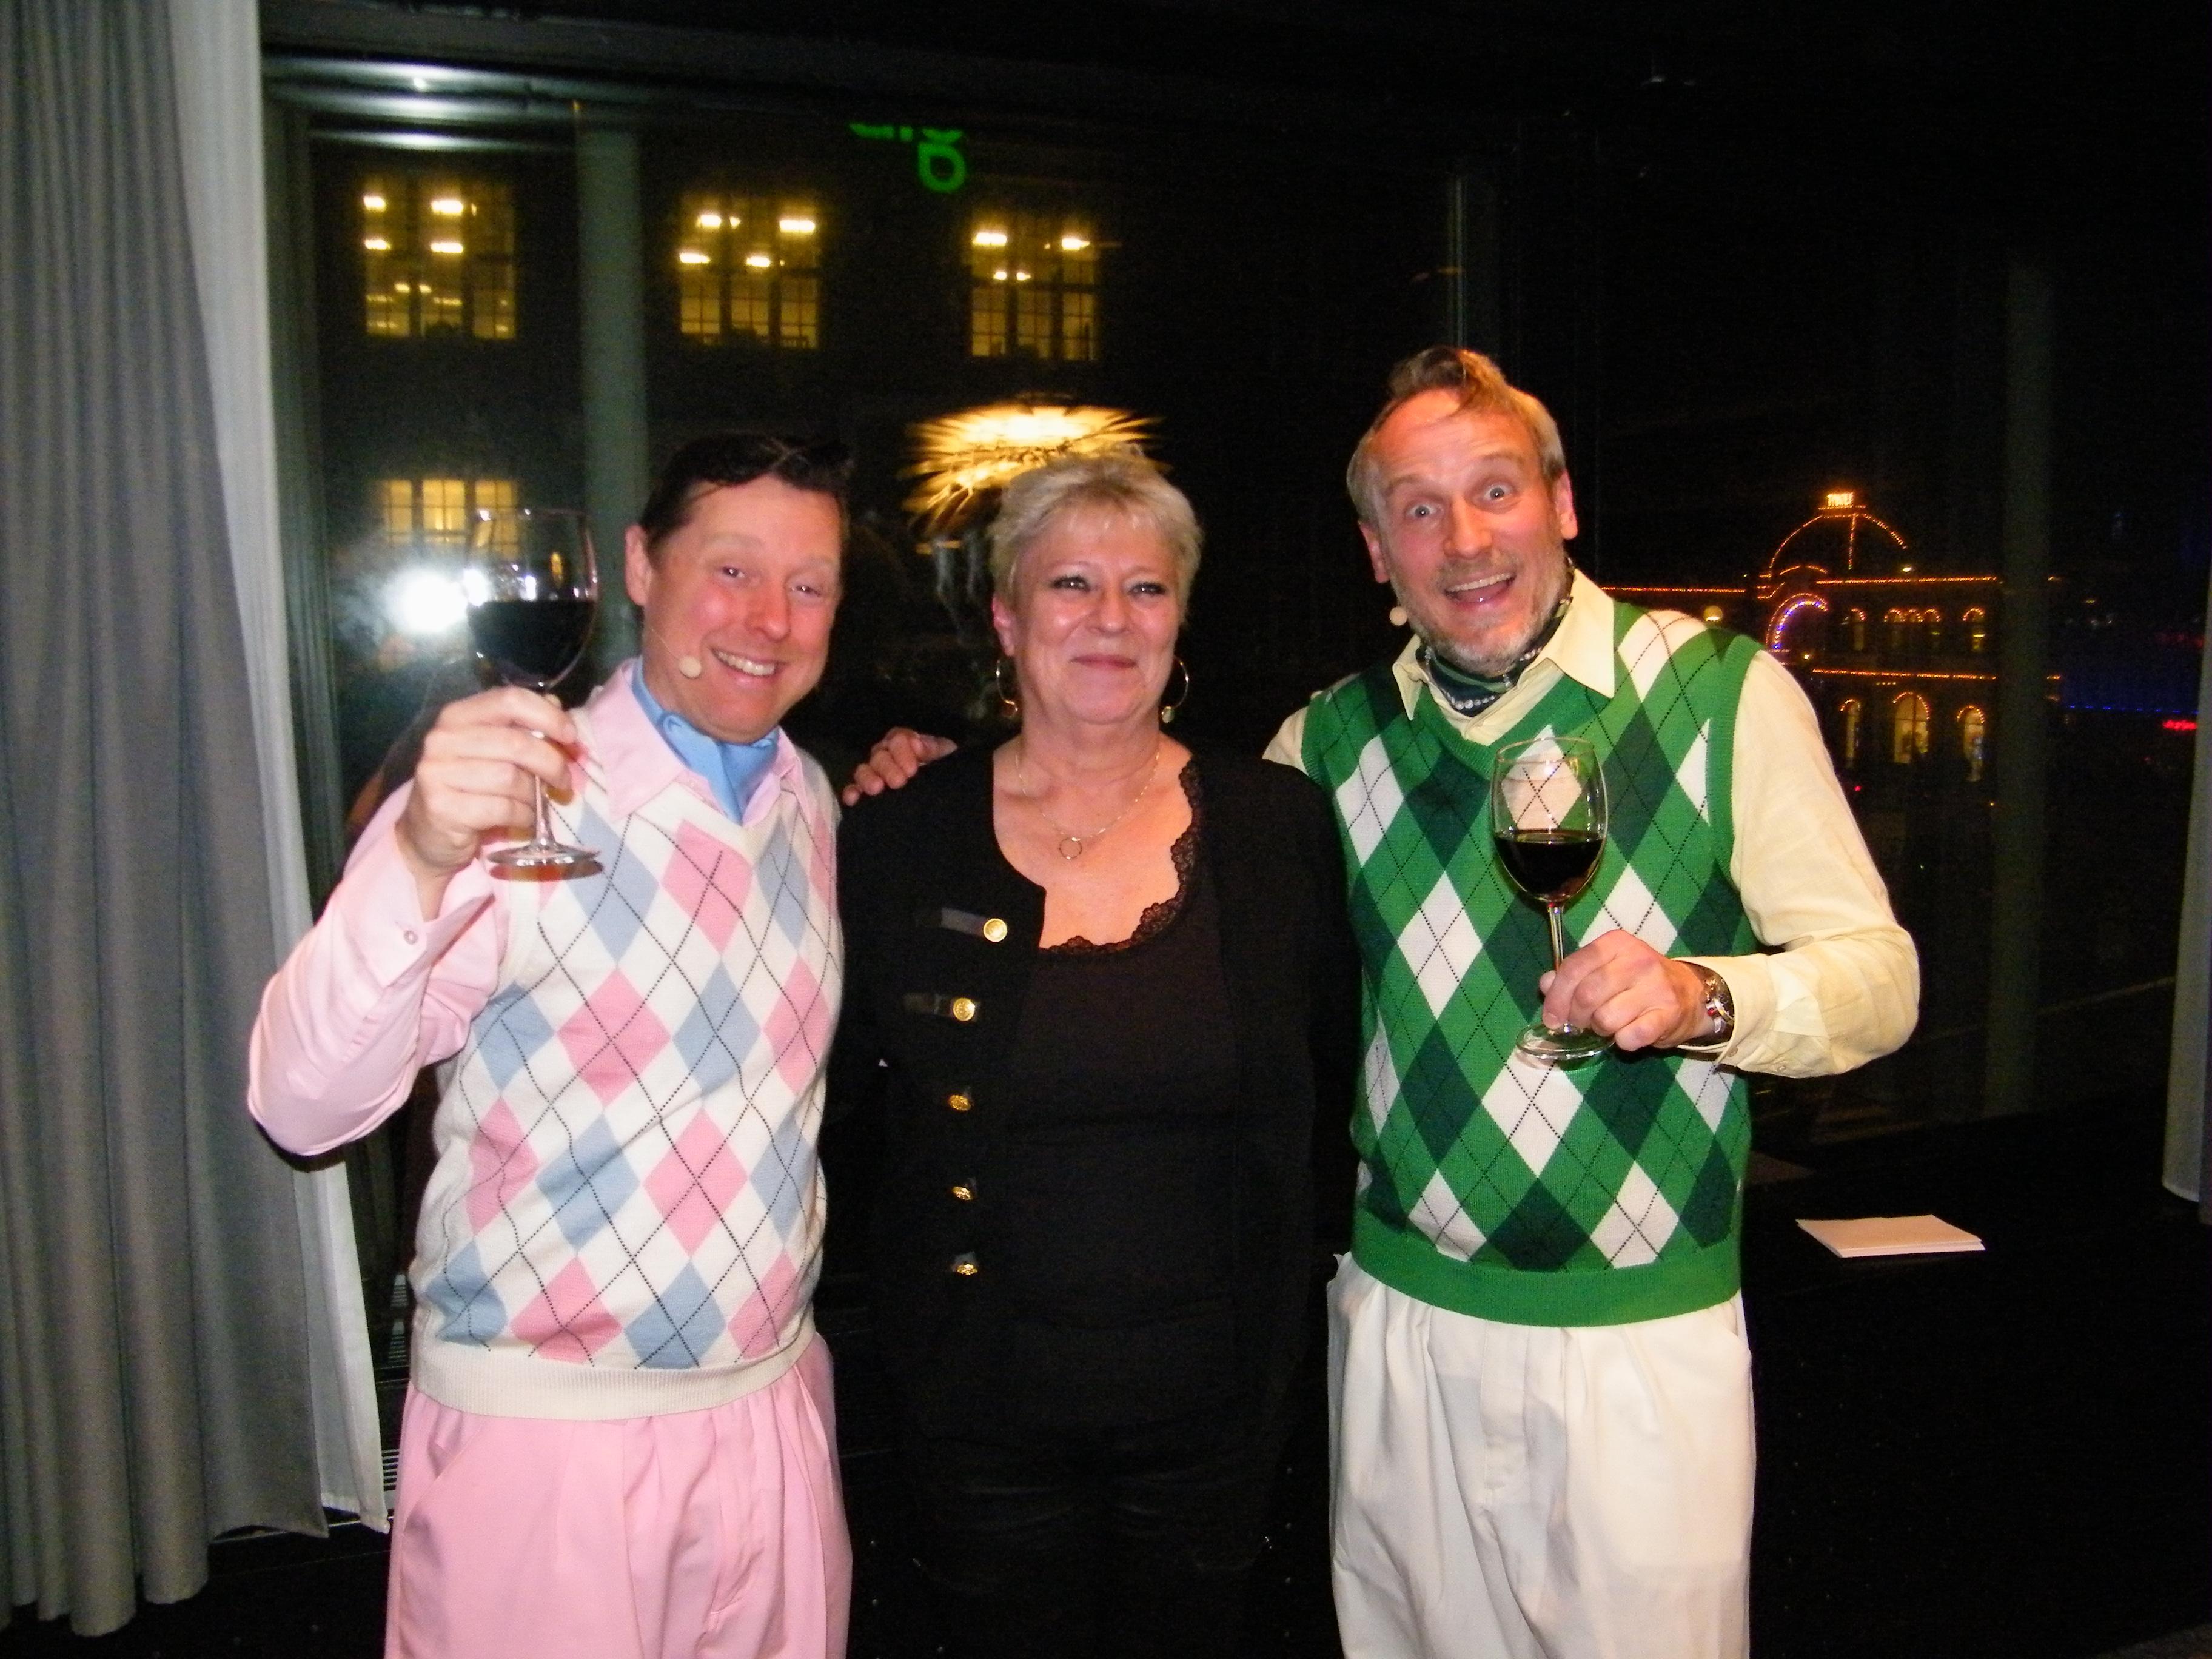 Rytteriet med Martin Buch, til venstre, og Rasmus Botoft flankerer næstformand i PATA Danmark, June Nielsen, der har et nært forhold til de to muntre sjæle der oftest køber deres rejser i Inter Travel, som June Nielsen er medejer af. Foto: Henrik Baumgarten.